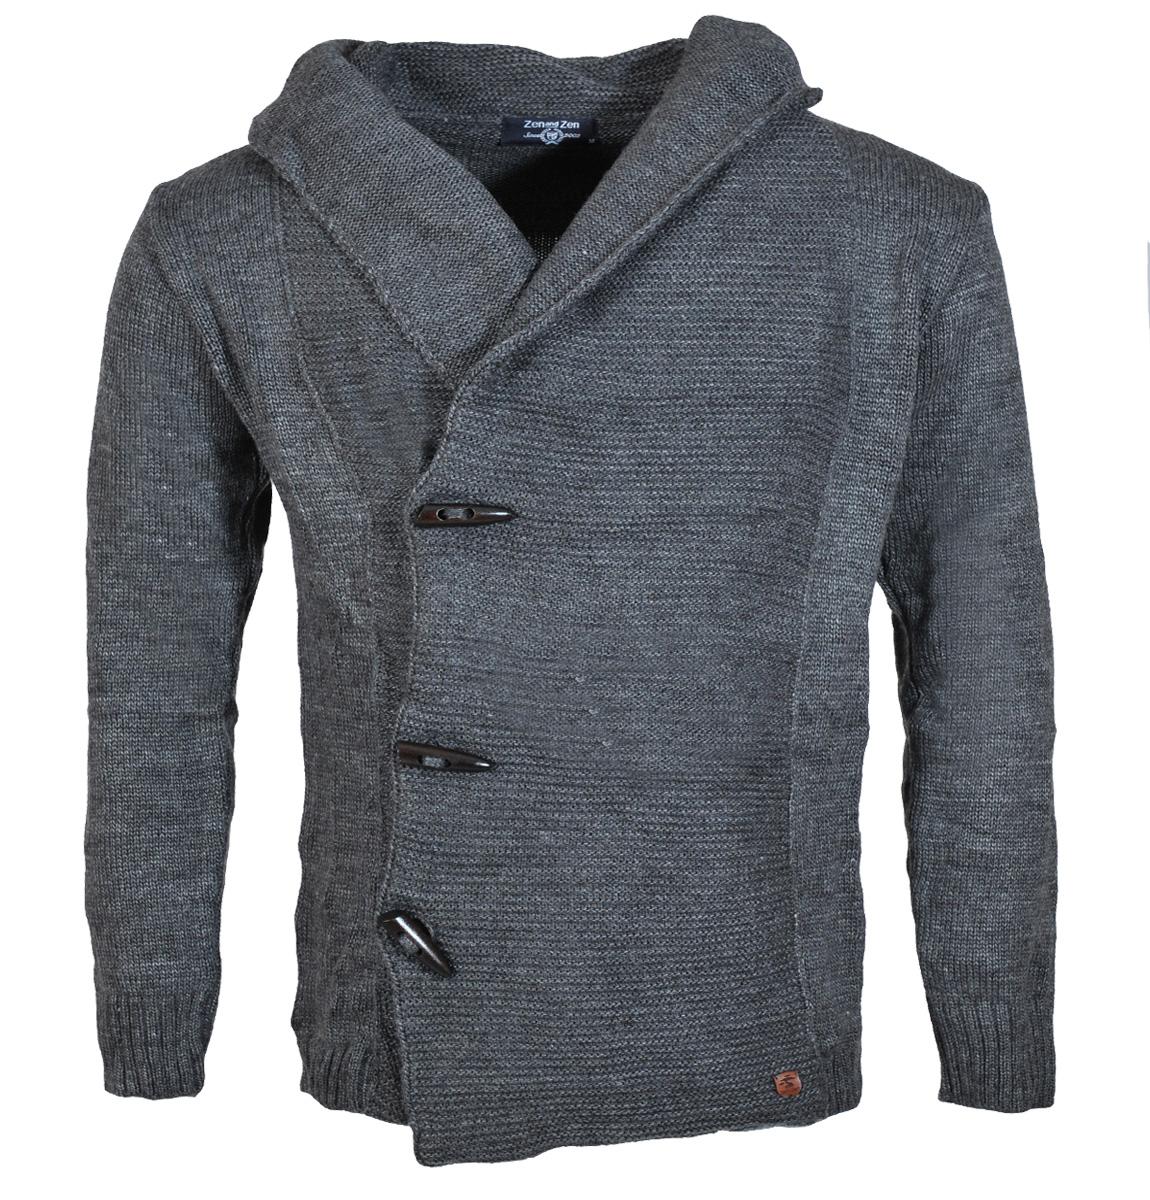 Πλεκτή Ζακέτα Zen D.Grey αρχική ανδρικά ρούχα ζακέτες